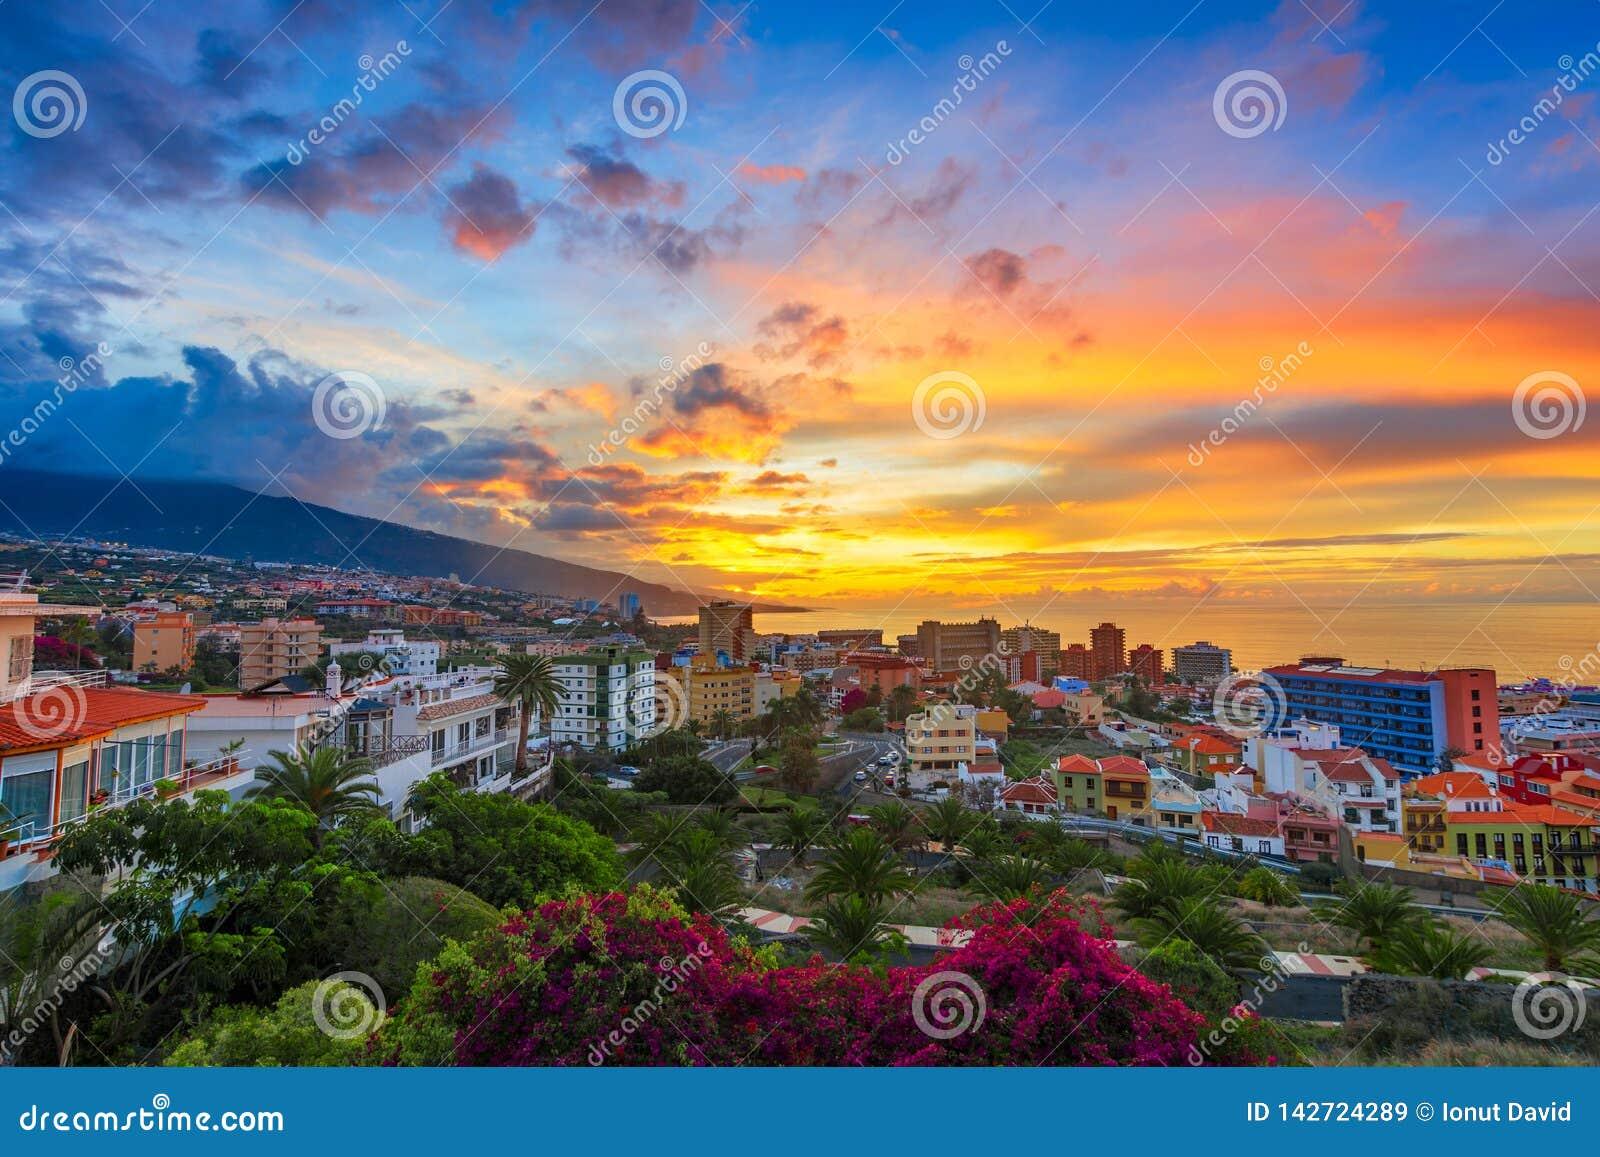 Puerto de la Cruz, Tenerife, Canarische Eilanden, Spanje: Mening over de stad in de zonsondergangtijd